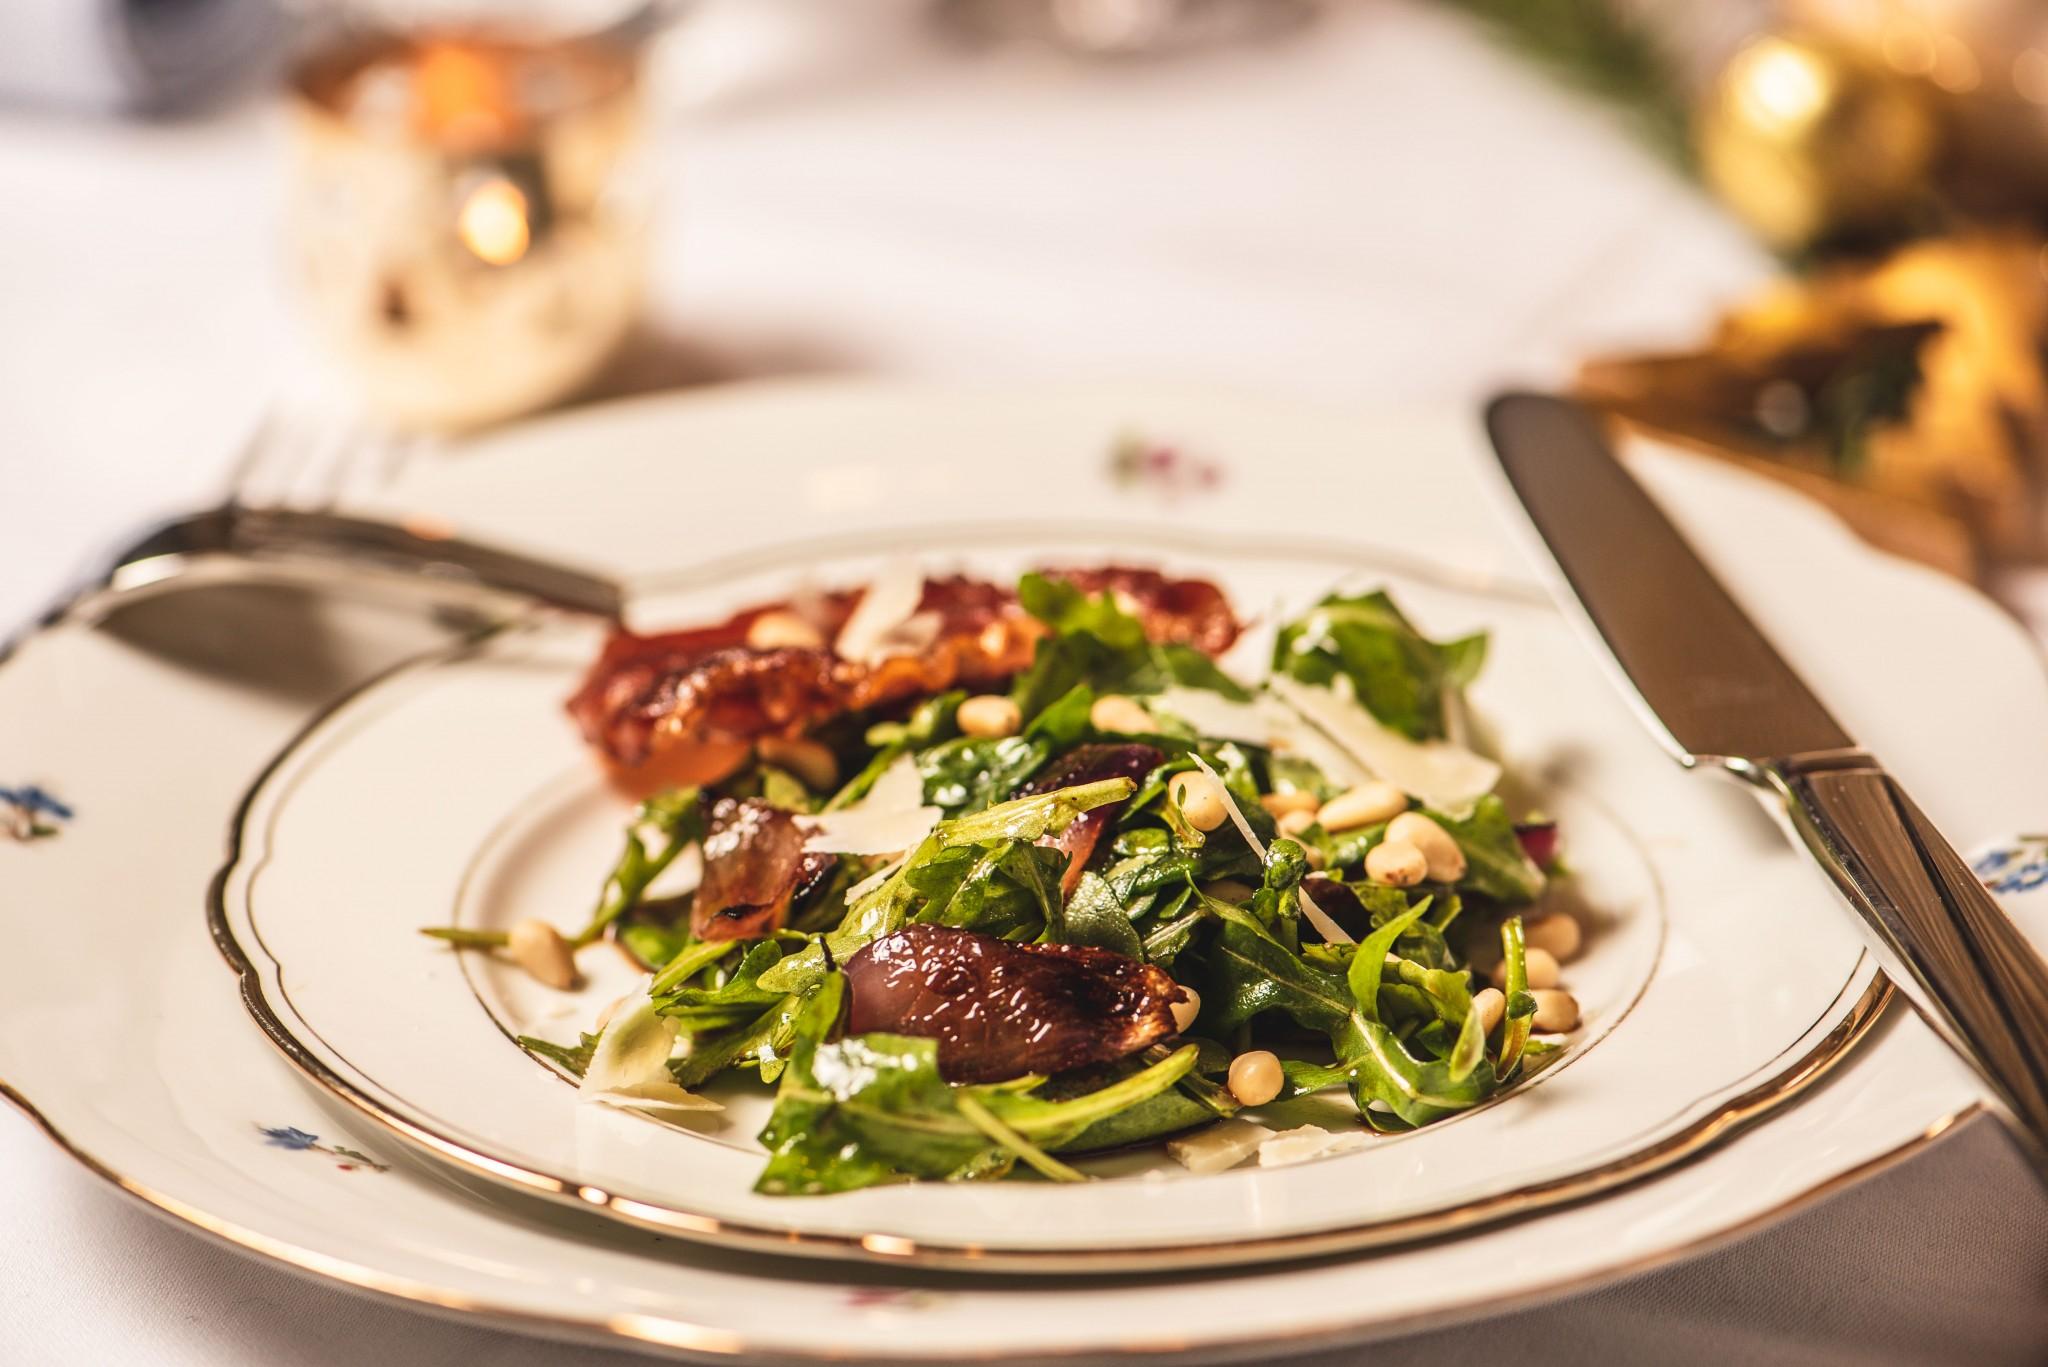 Rucola-Salat mit gebratenem roten Zwiebel & Rohschinken